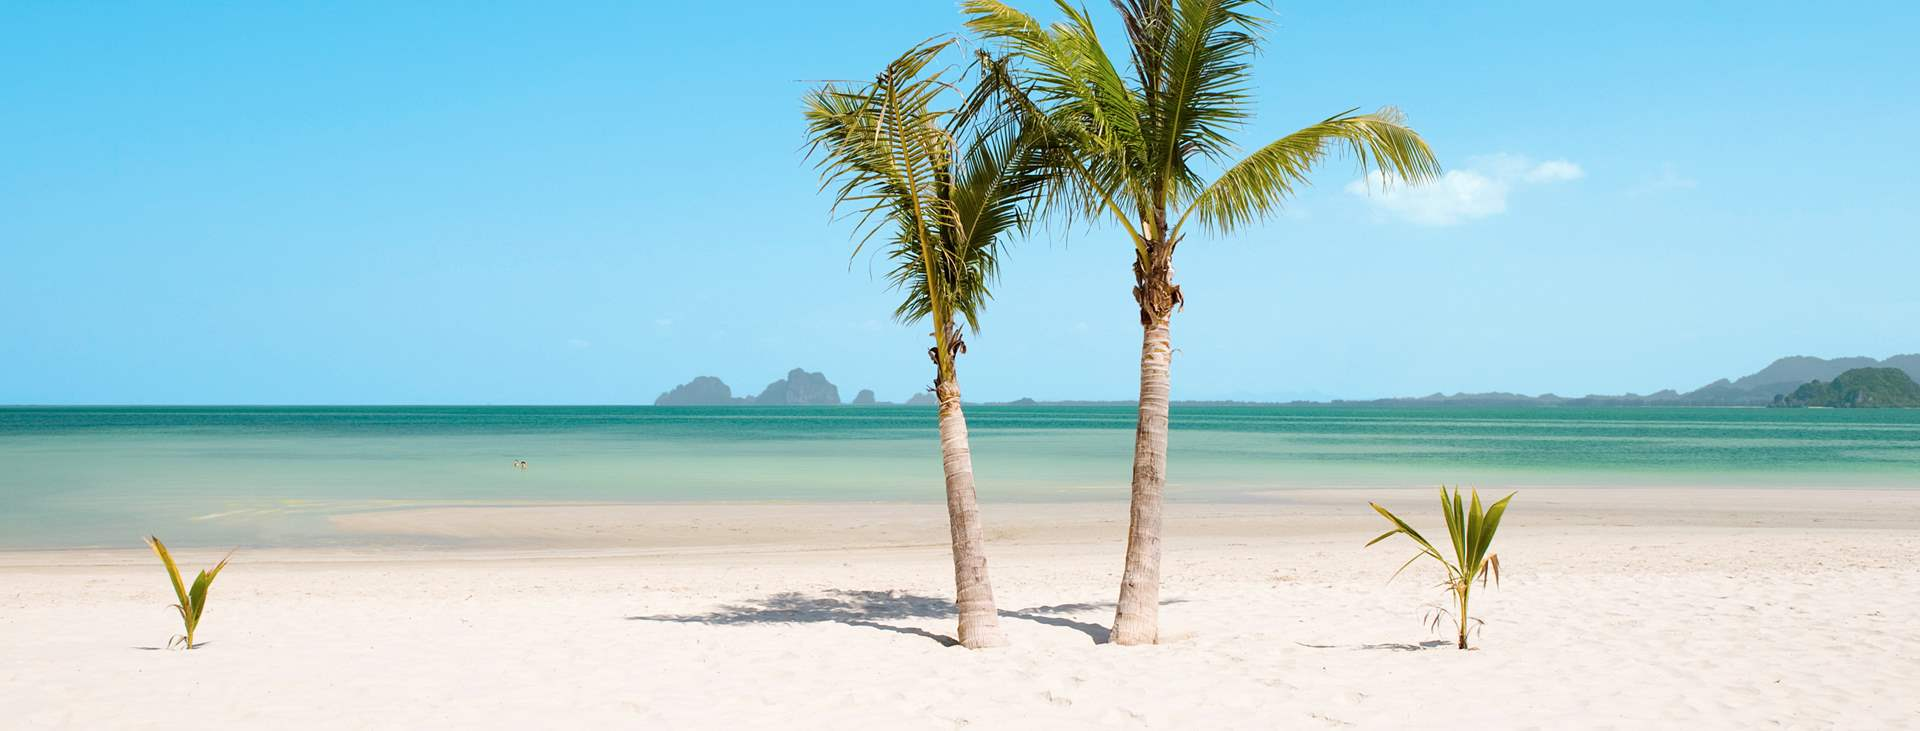 Bestill en reise med Ving til Koh Mook i Thailand